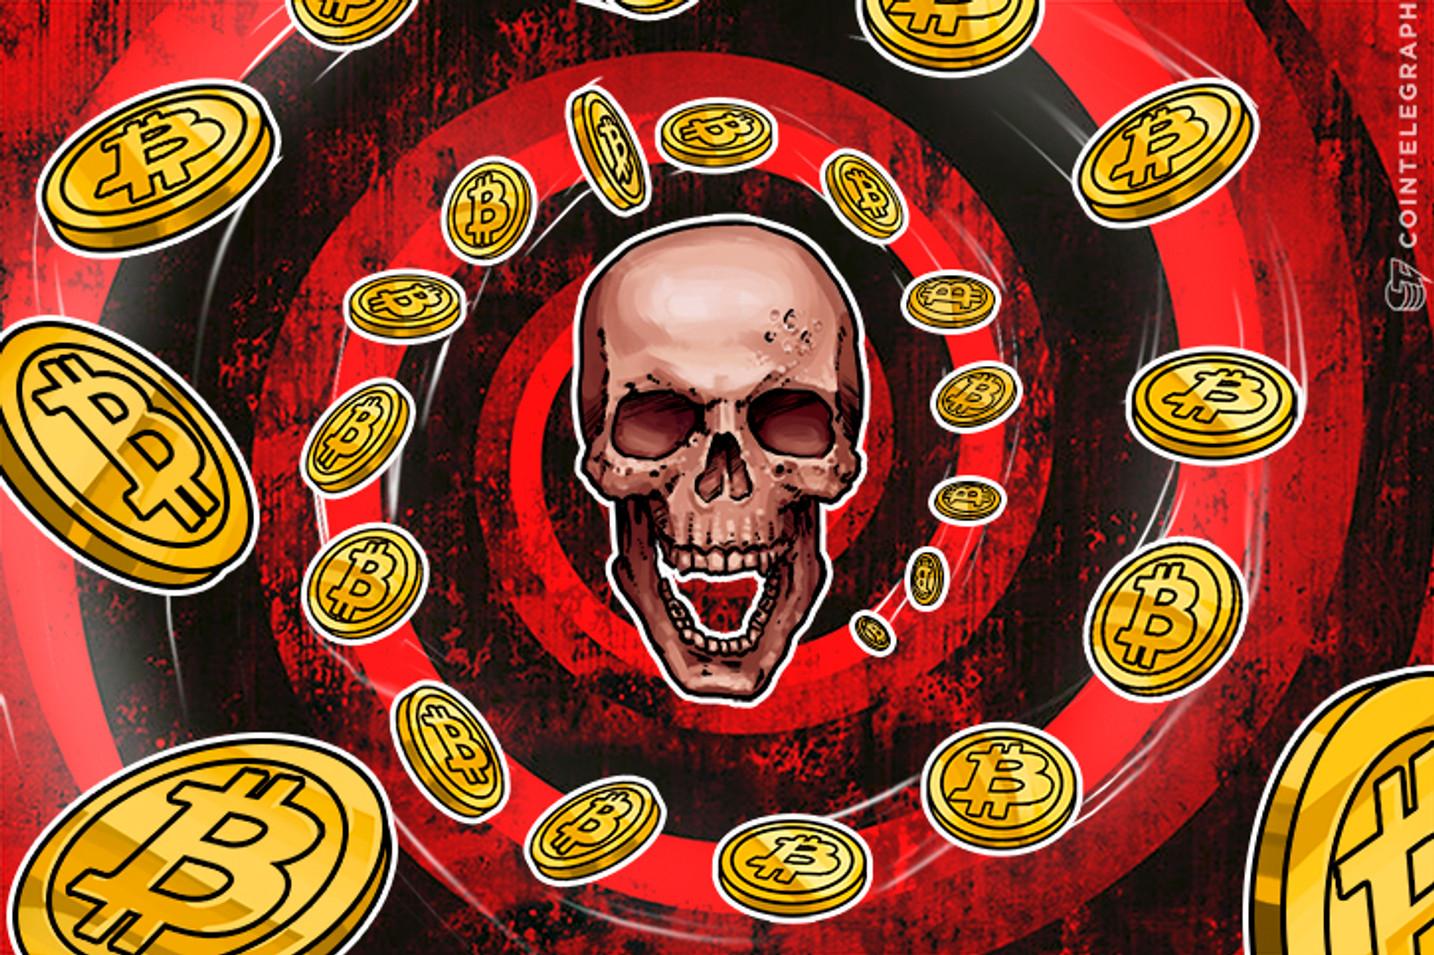 ¿Qué tan cerca llegó Bitcoin a la desastrosa espiral de muerte de cadena?